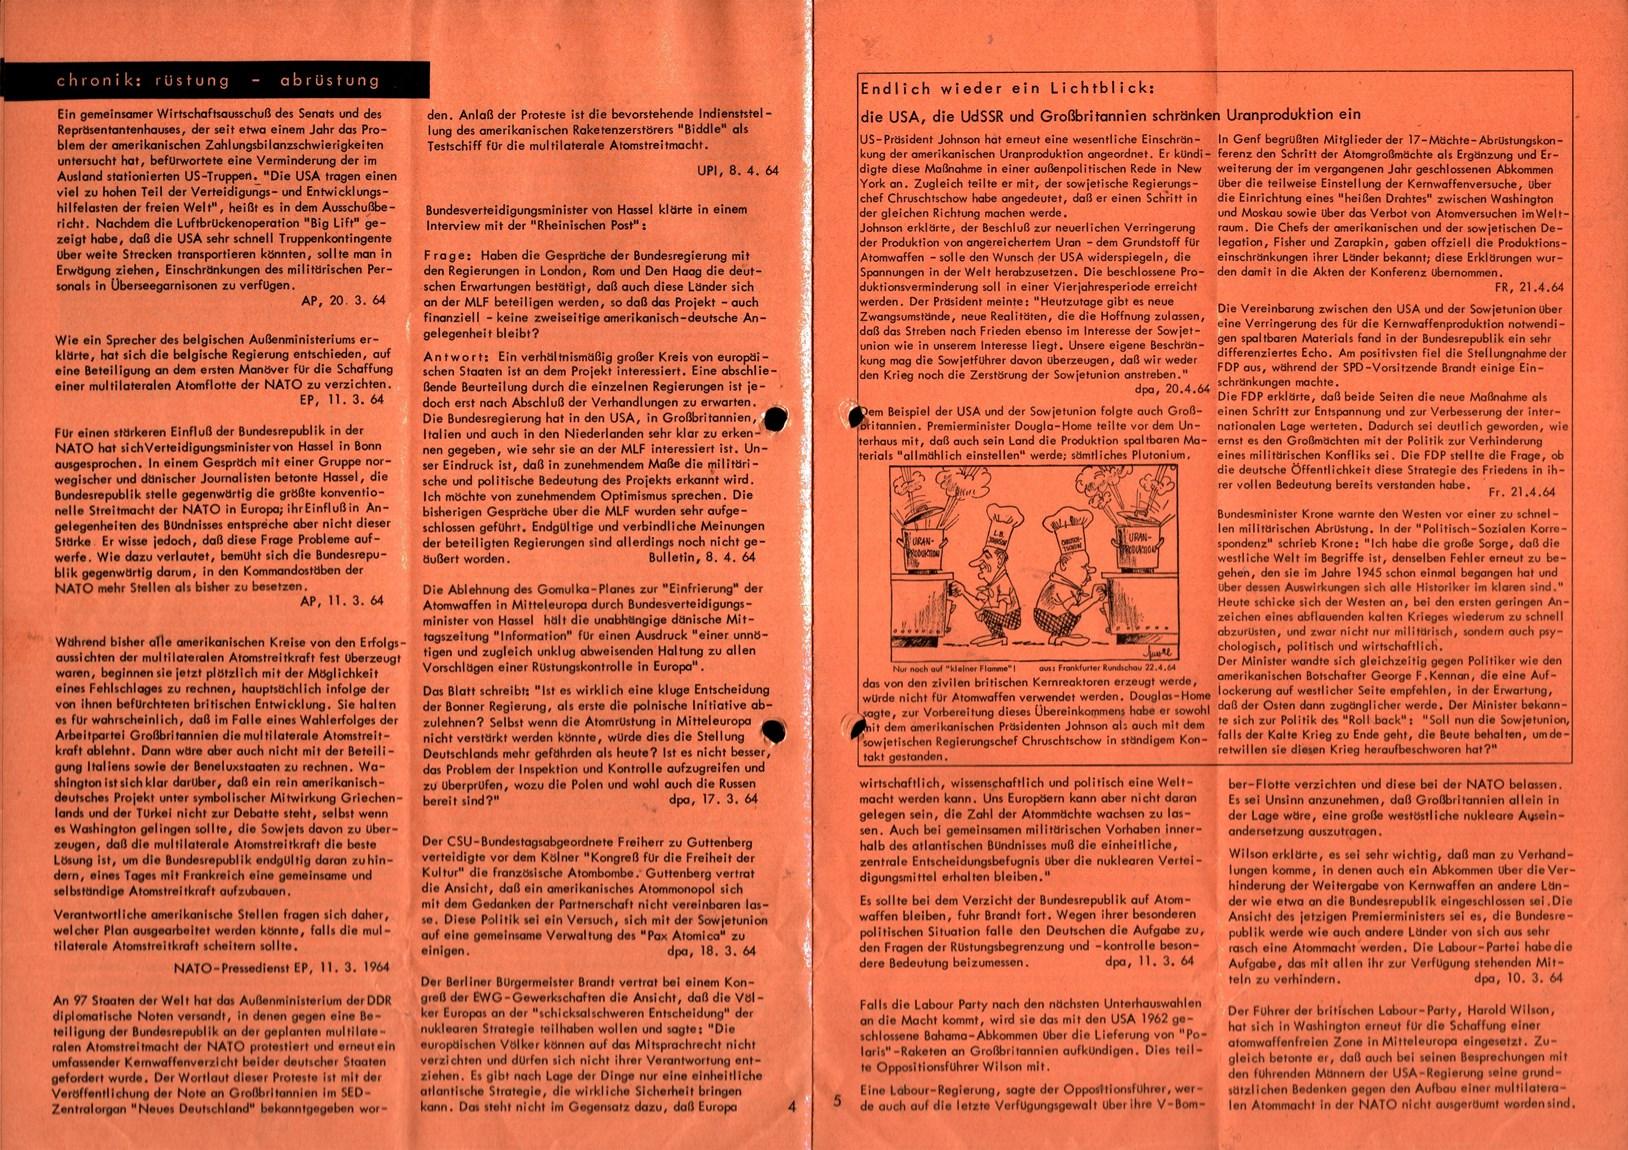 Infos_zur_Abruestung_1964_010_011_003